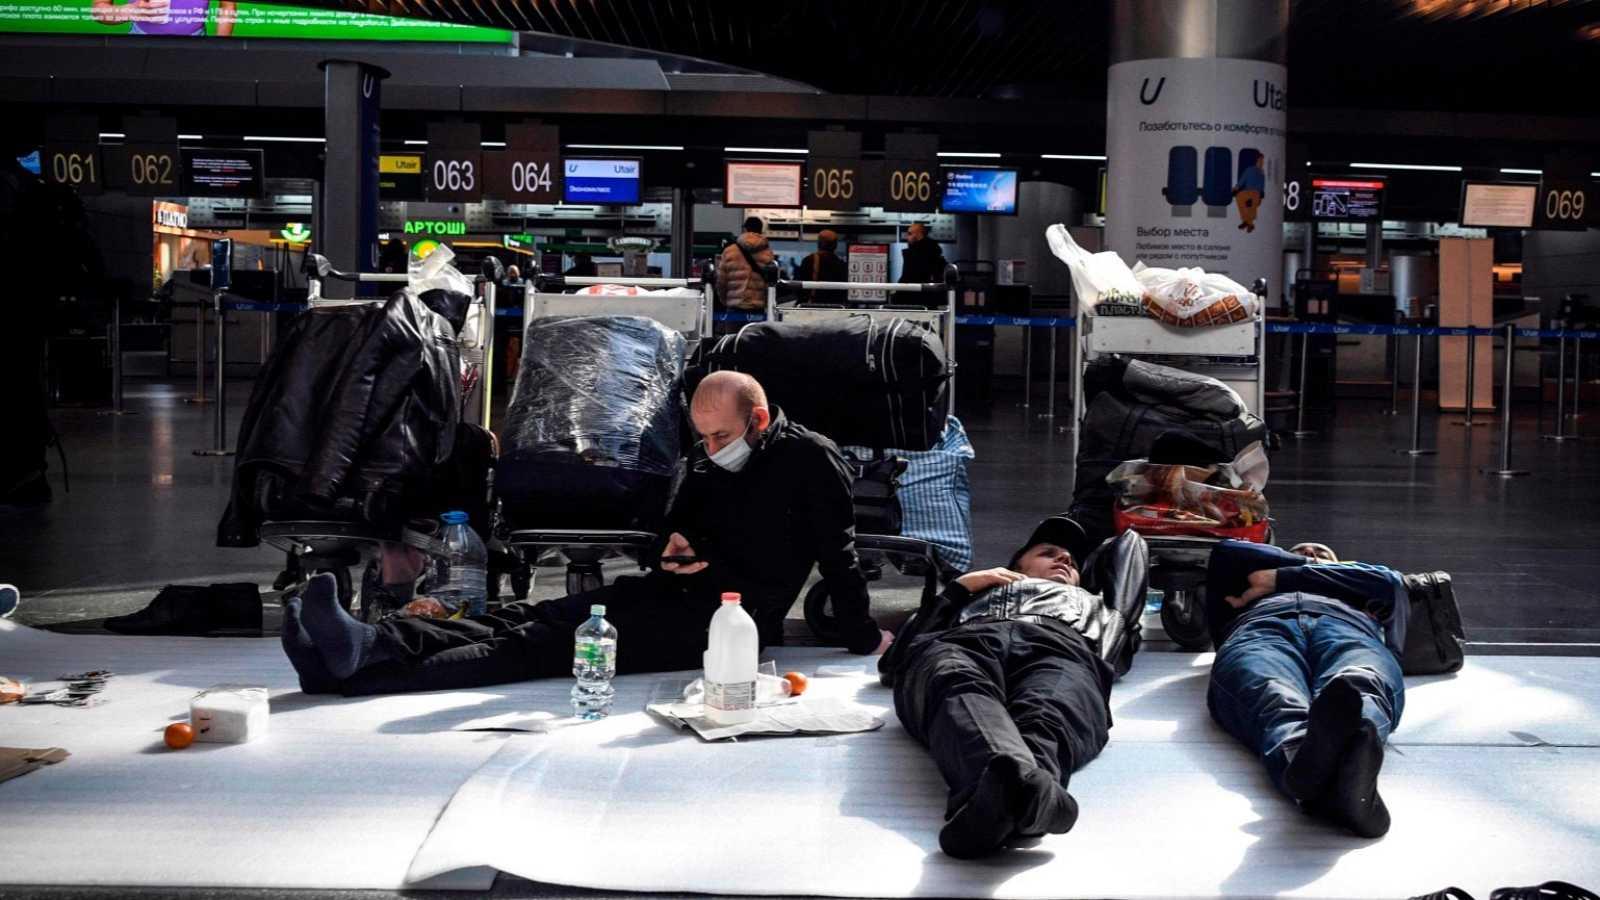 Españoles atrapados en aeropuertos extranjeros